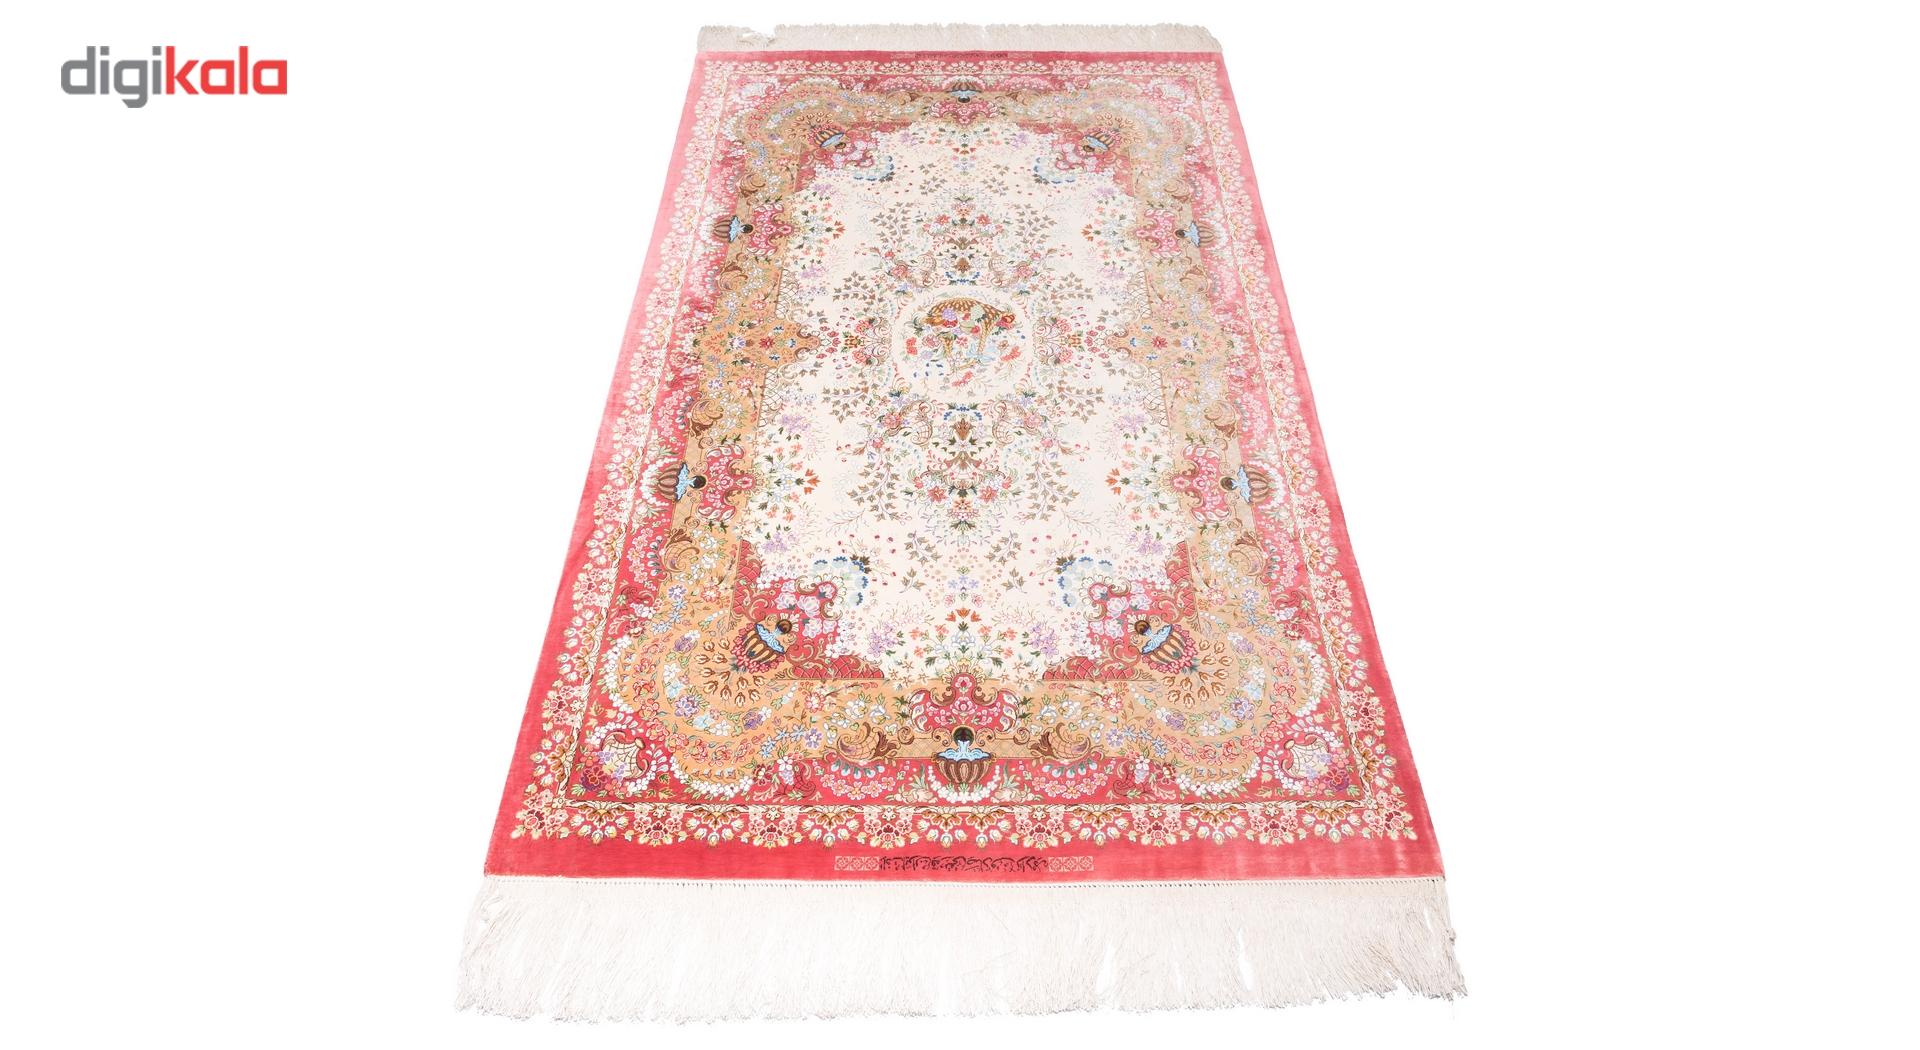 خرید                       فرش دستبافت ذرع ونیم سی پرشیا کد 161093